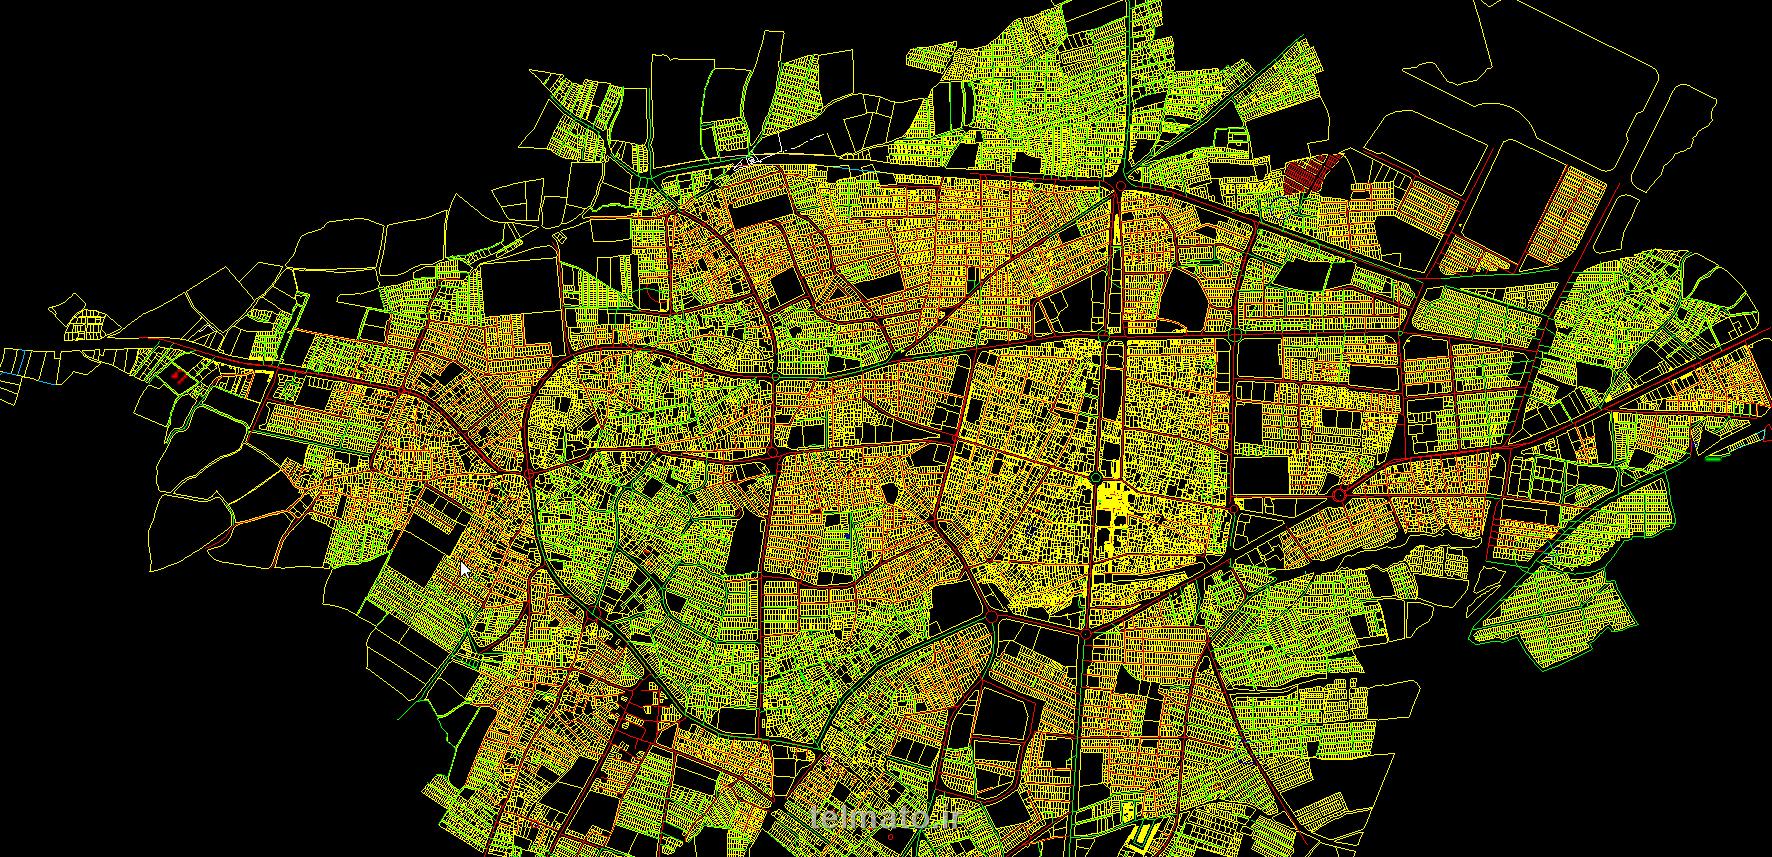 دانلود رایگان فایل اتوکد نقشه شهری معماری شهرستان خوی با فرمت (DWG) khoy autocad plan